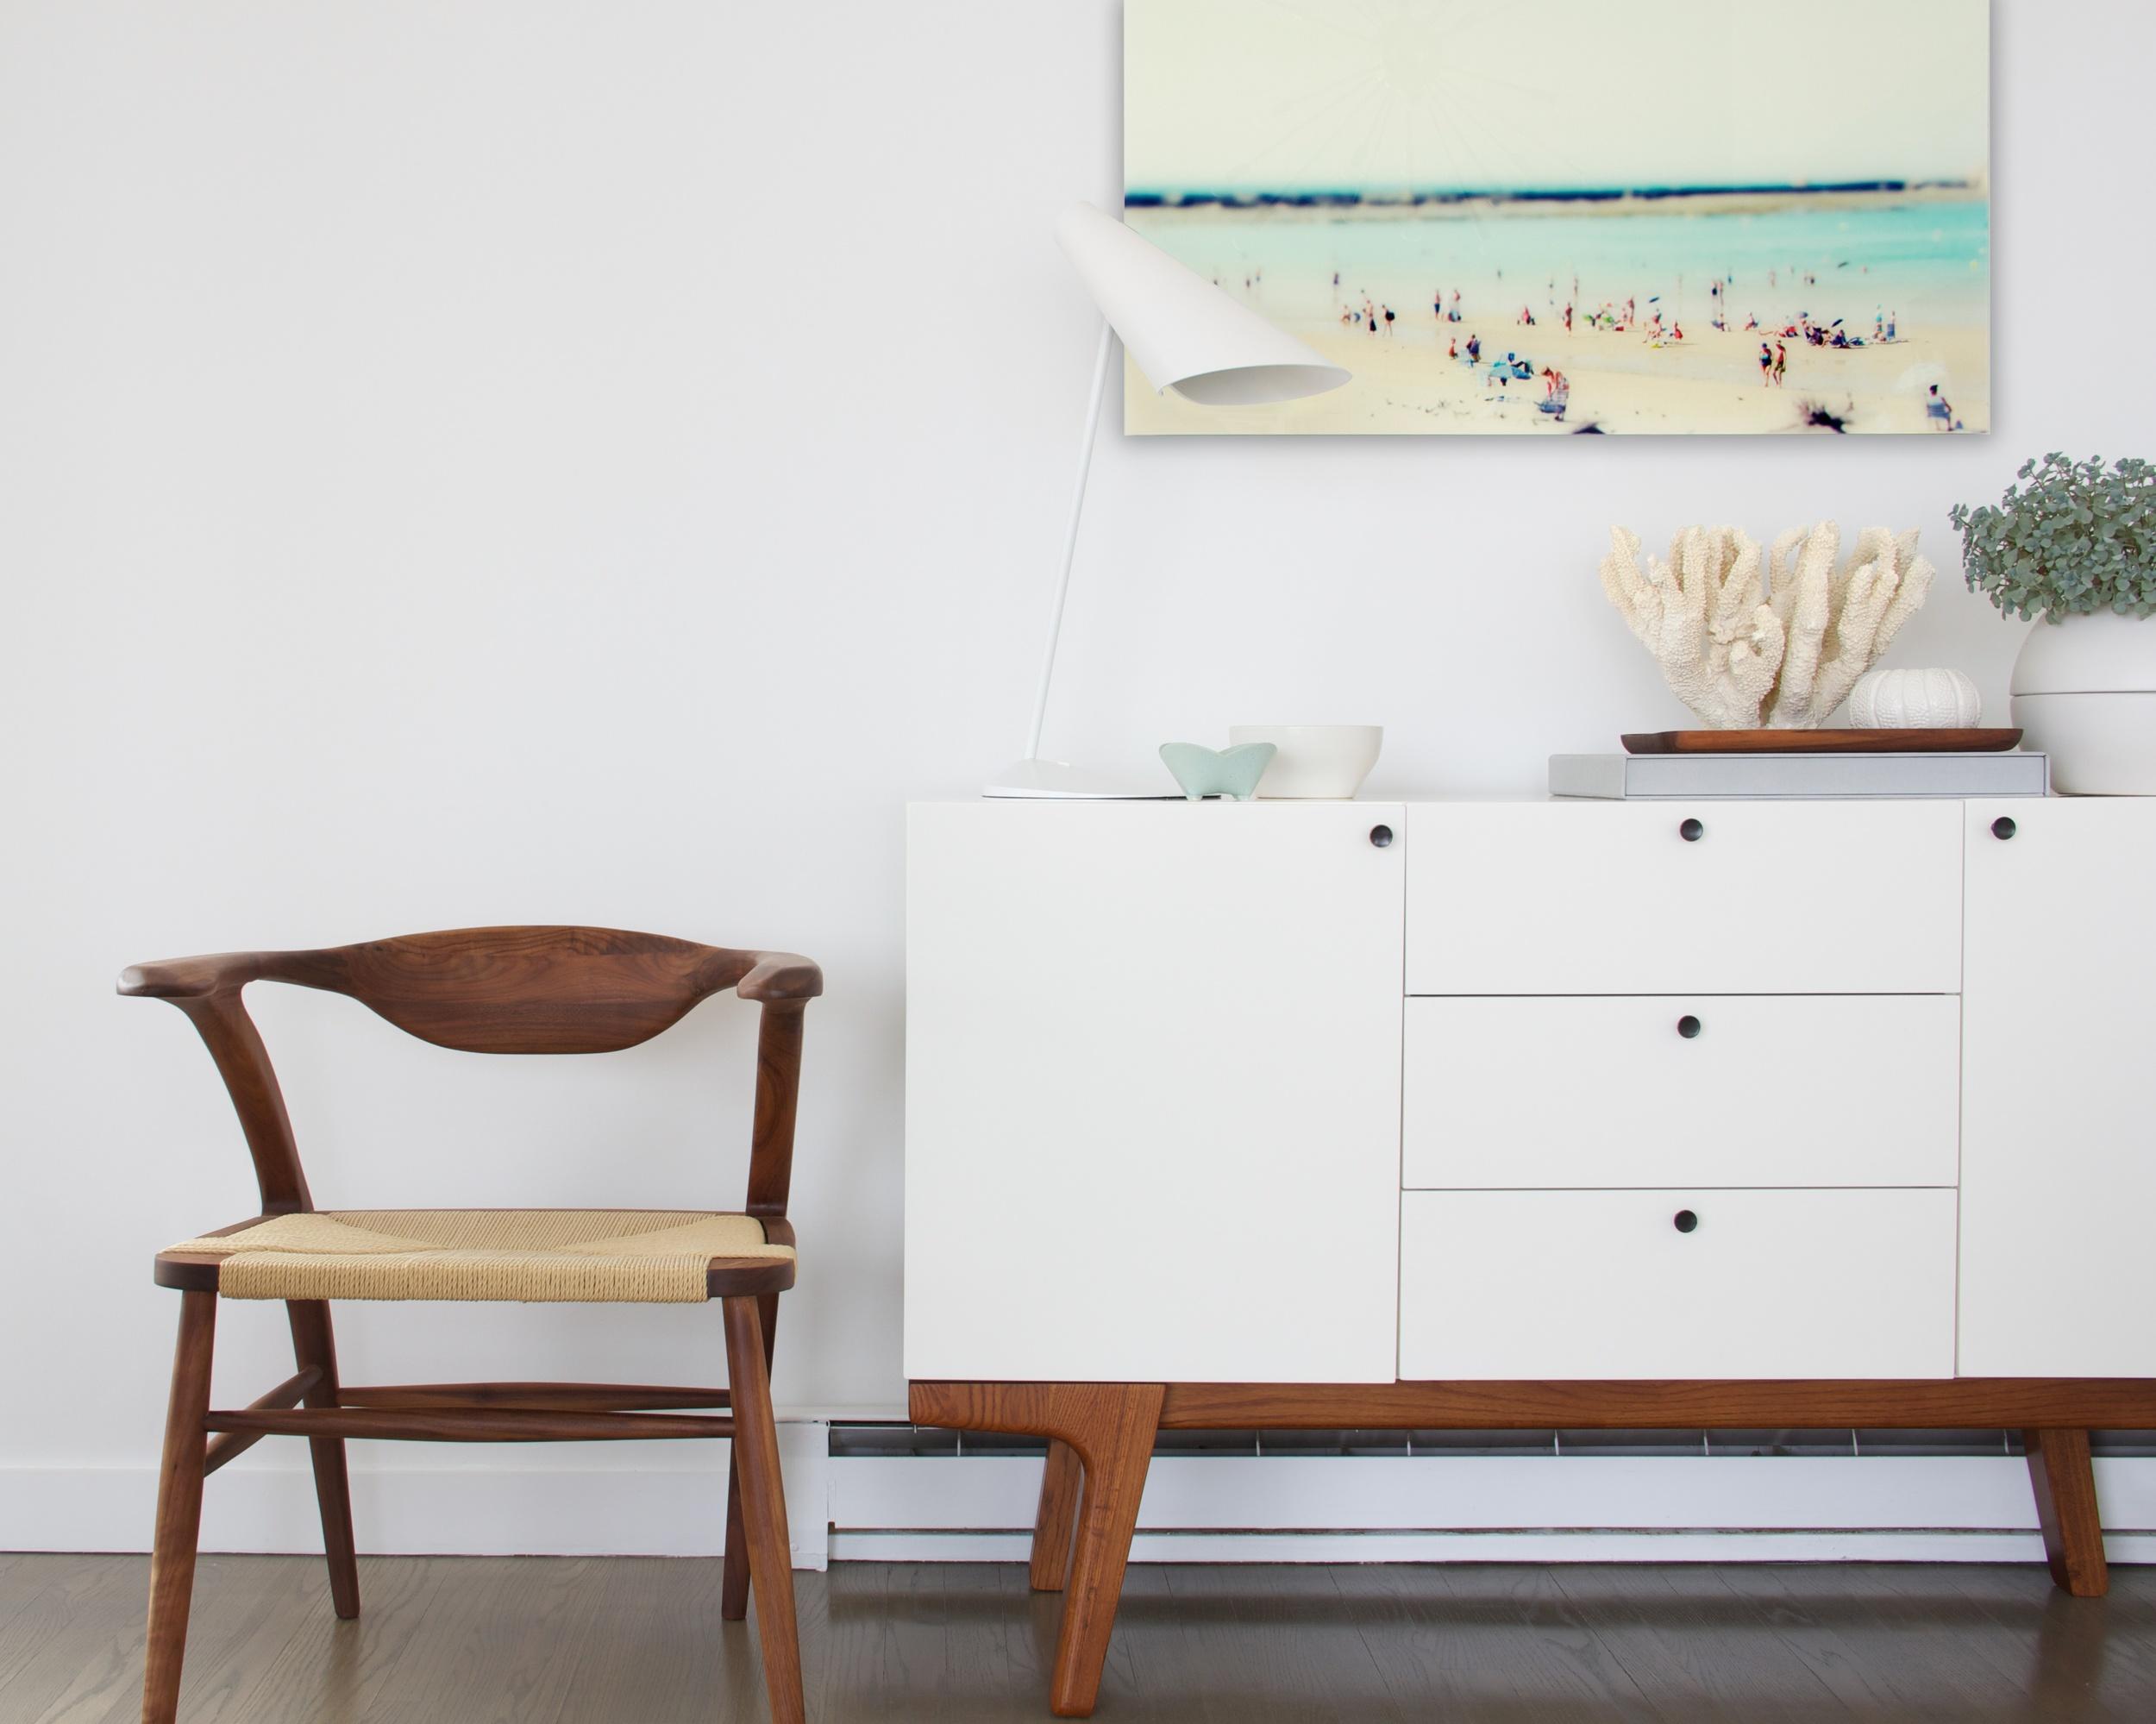 Schoeller + Darling Design - Amagansett Beach House - Detail 3